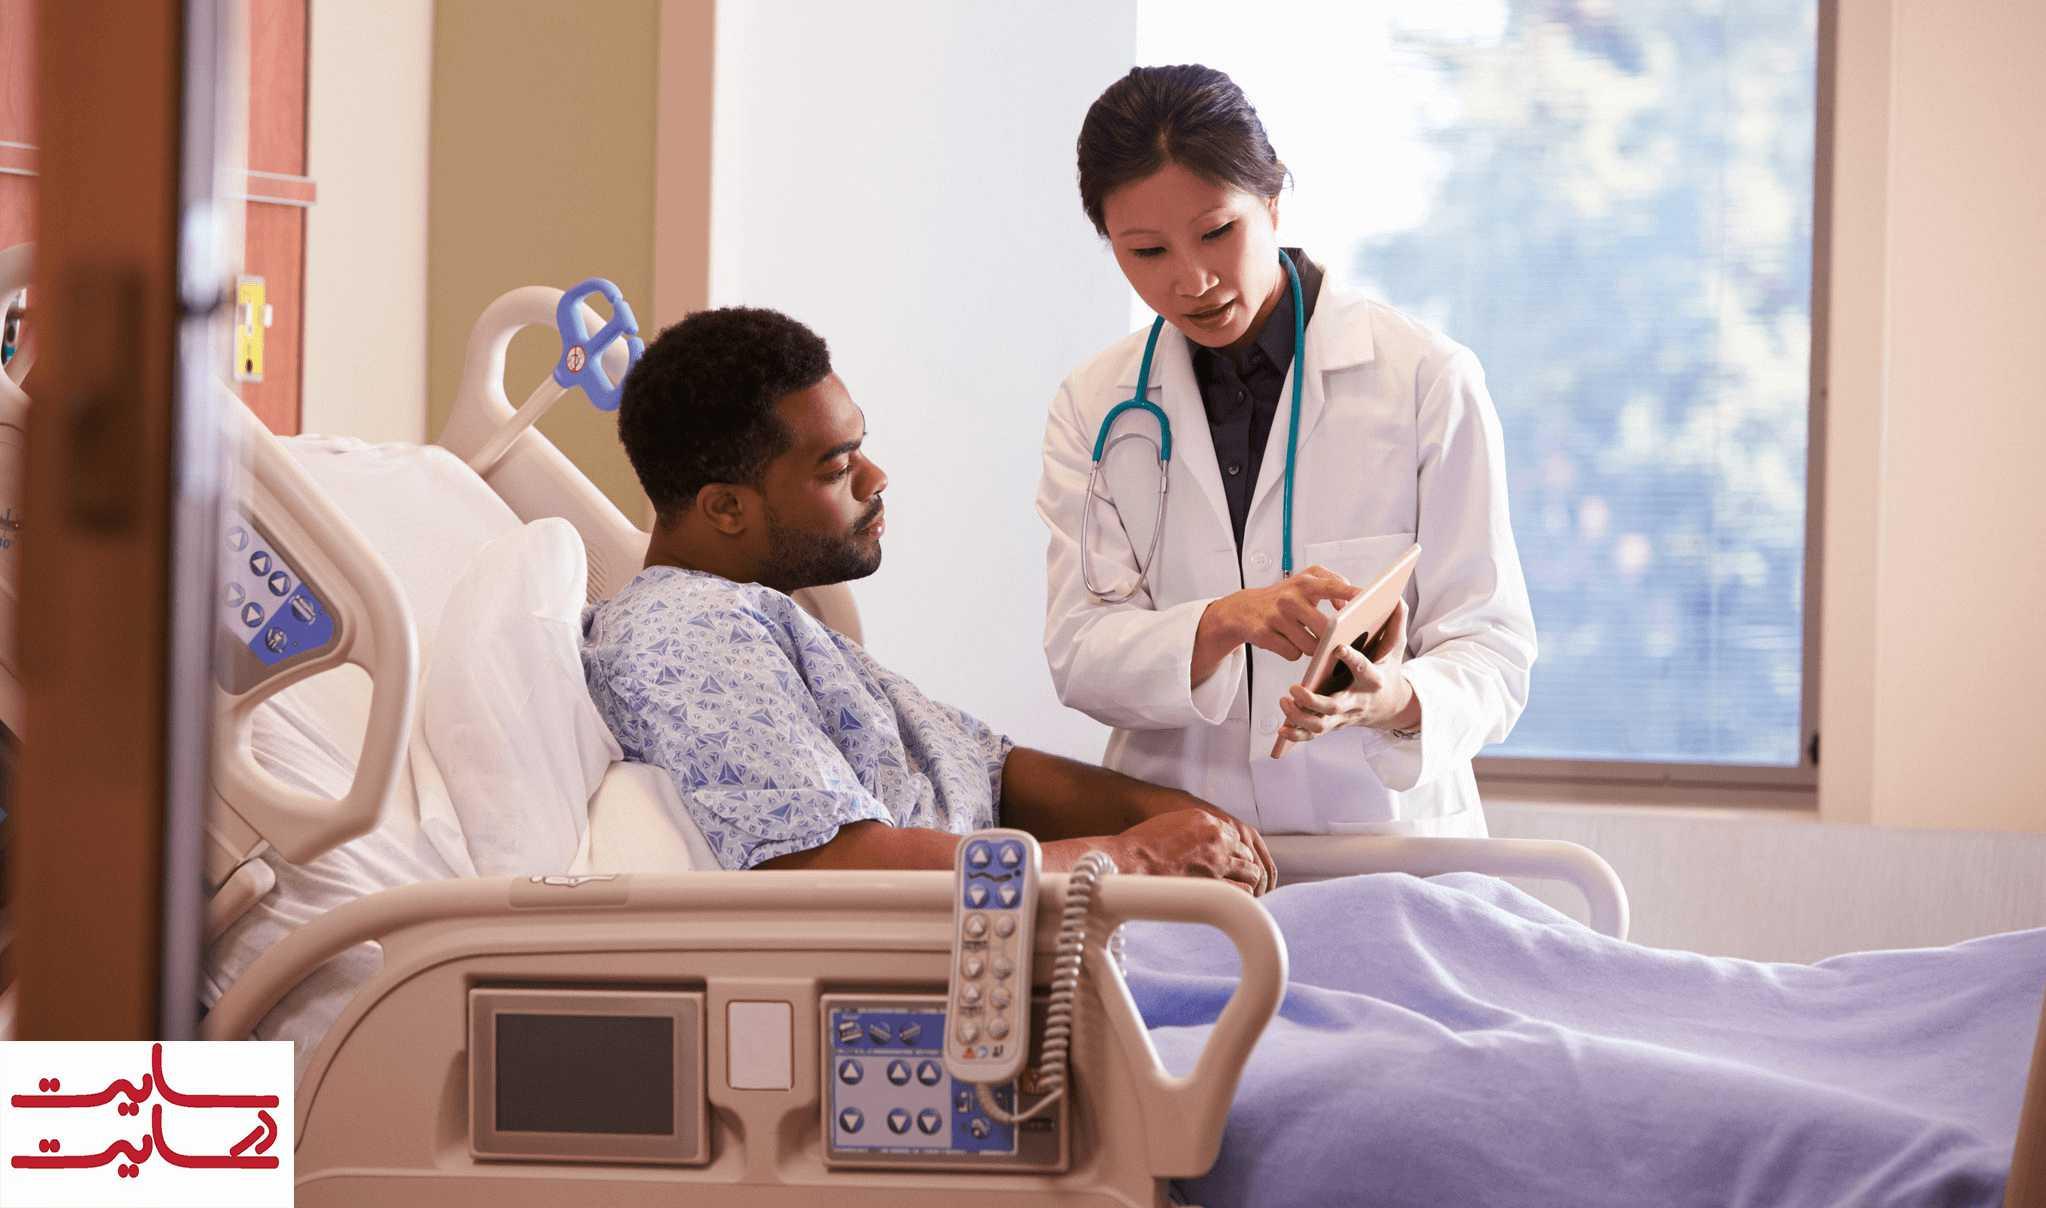 کار کردن پزشک در بیمارستان